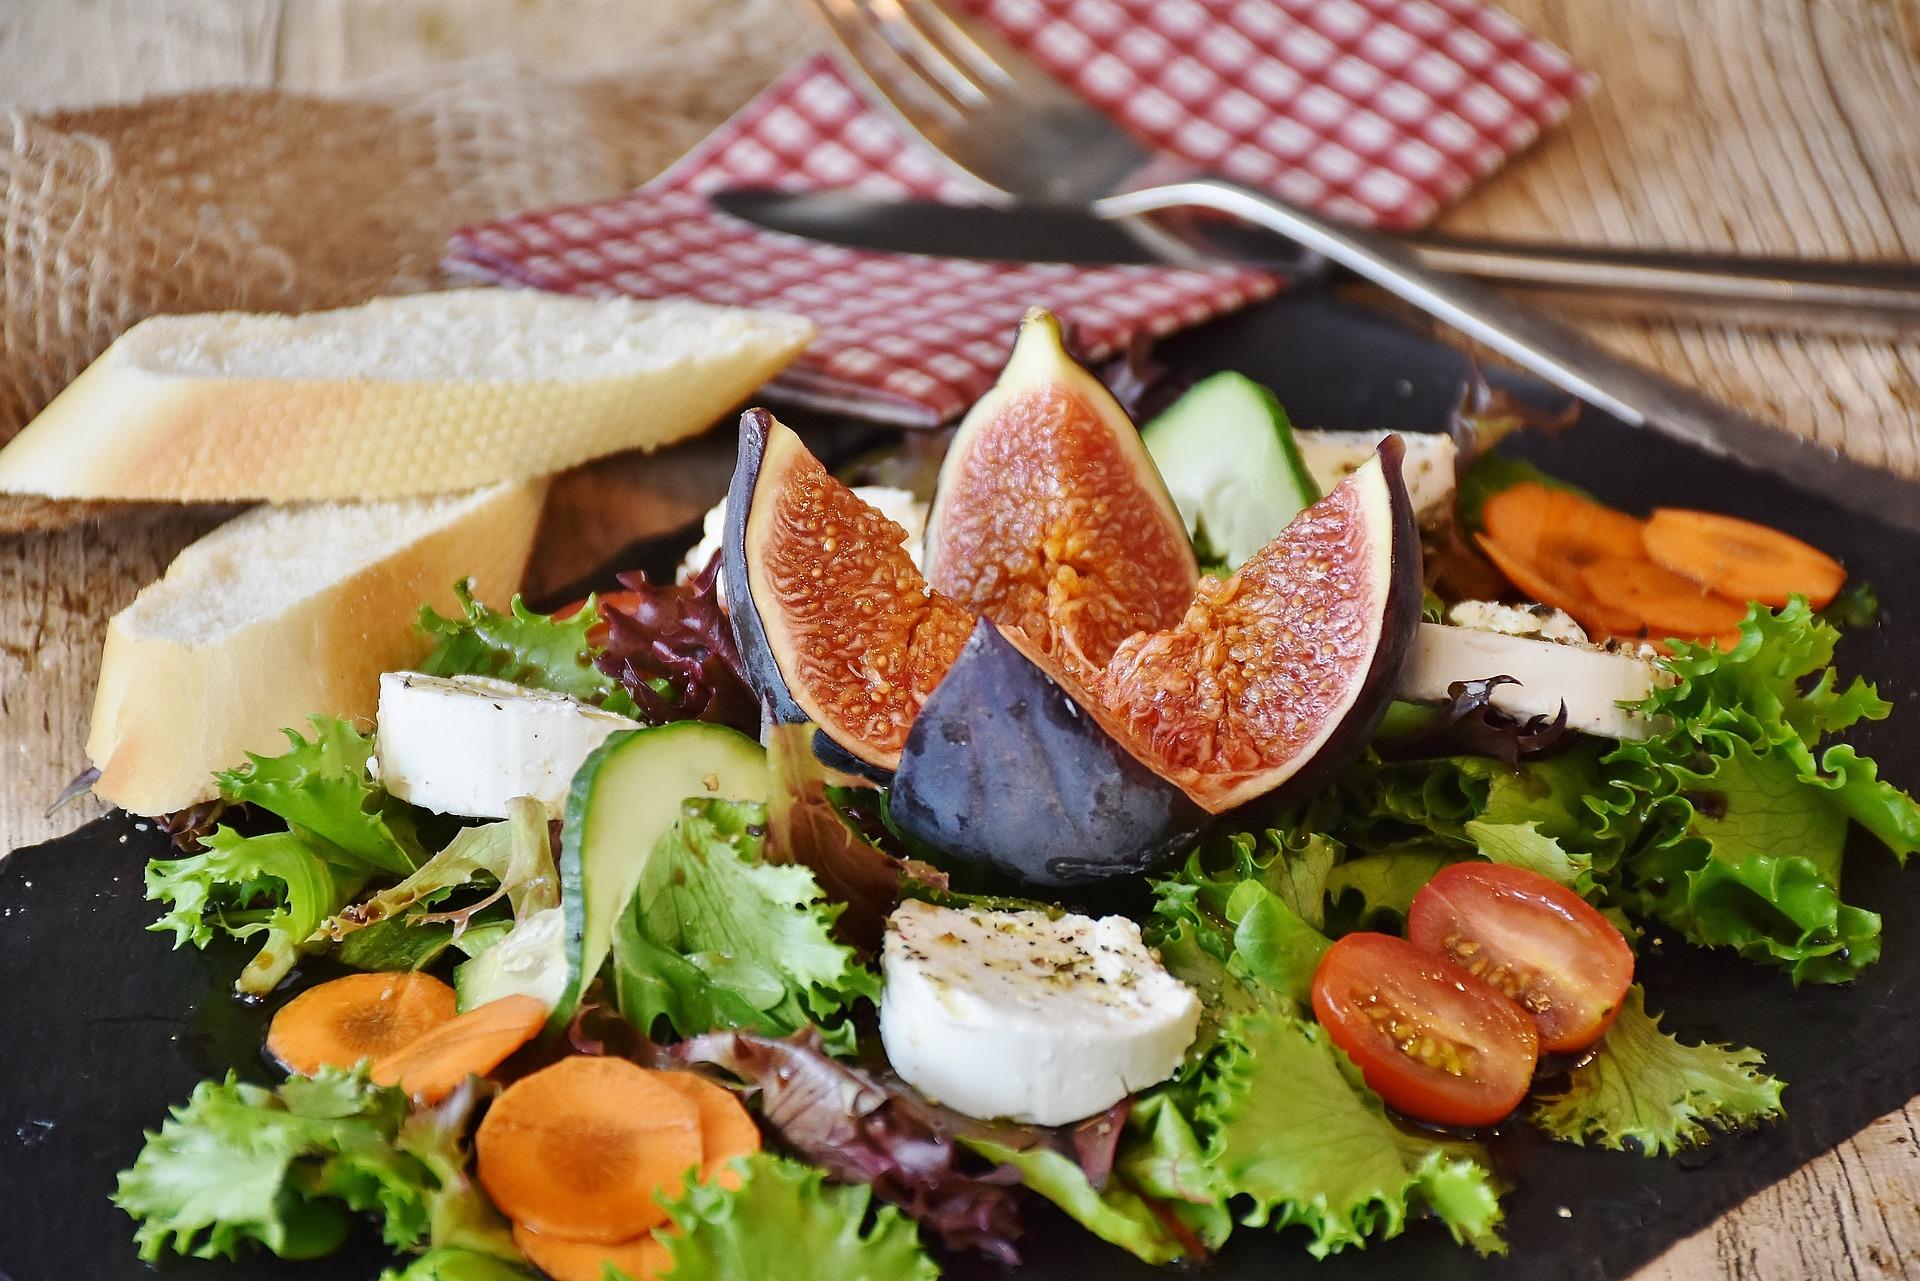 jak się odżywiać